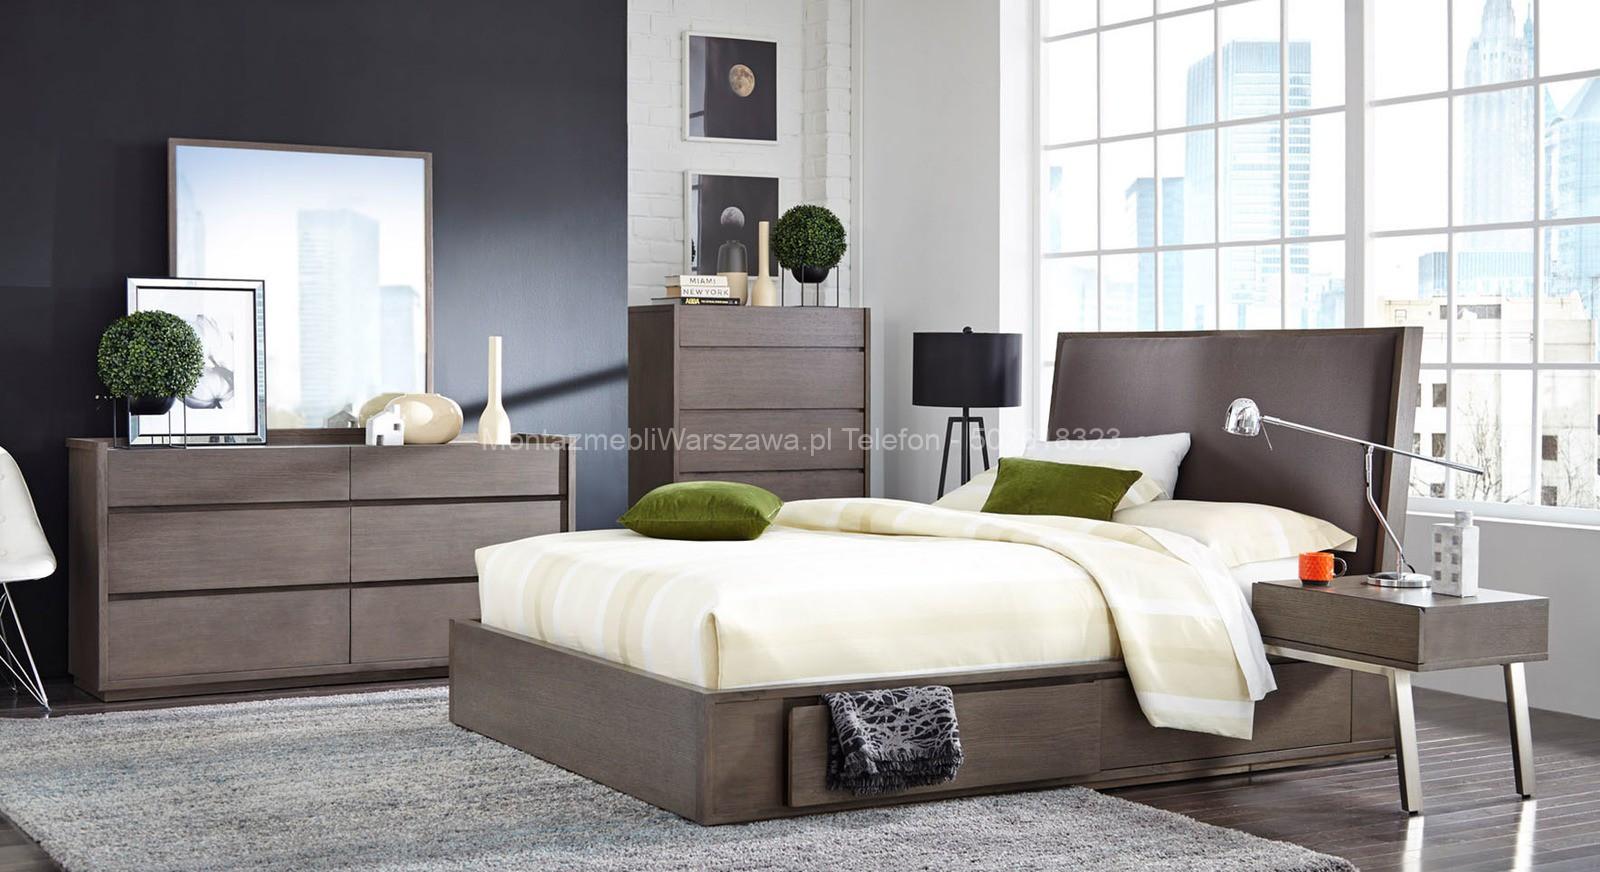 warszawa usługi montażowe mebli do sypialni